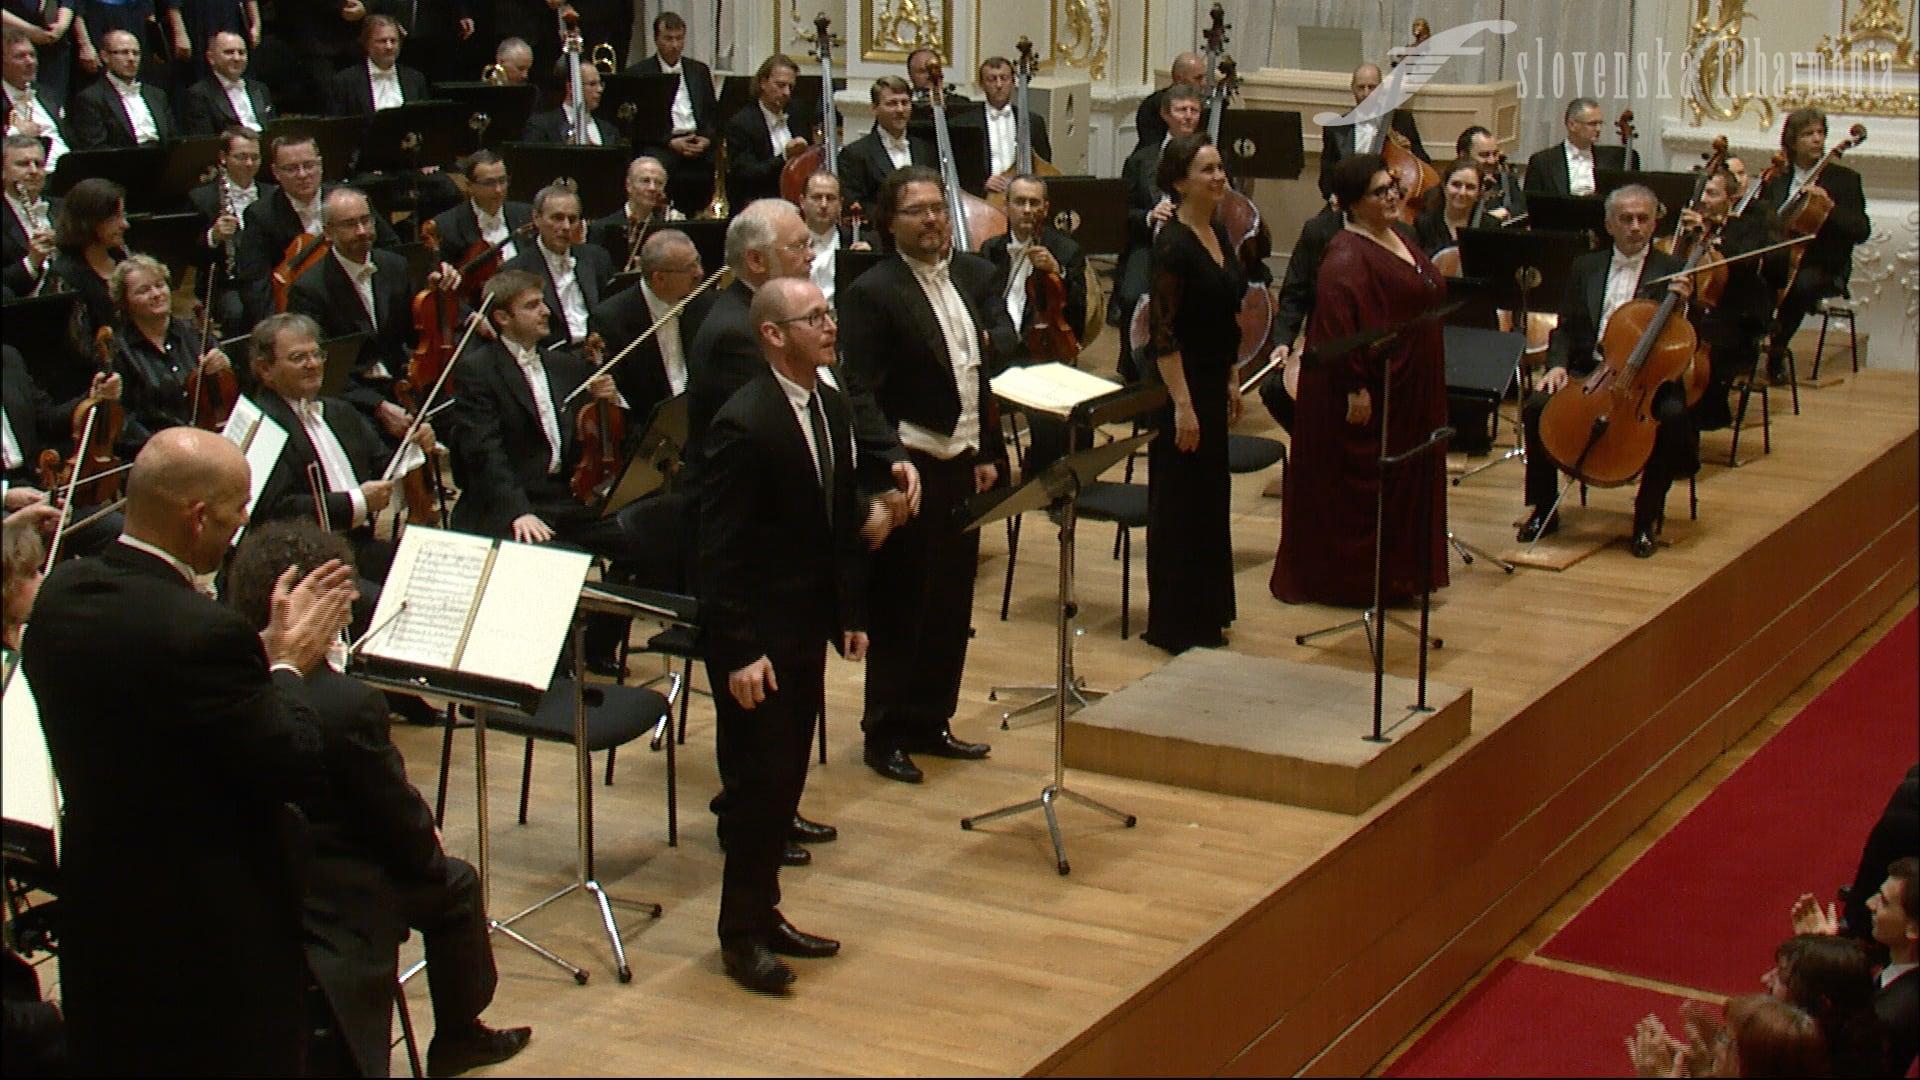 Giuseppe Verdi – Messa da Requiem